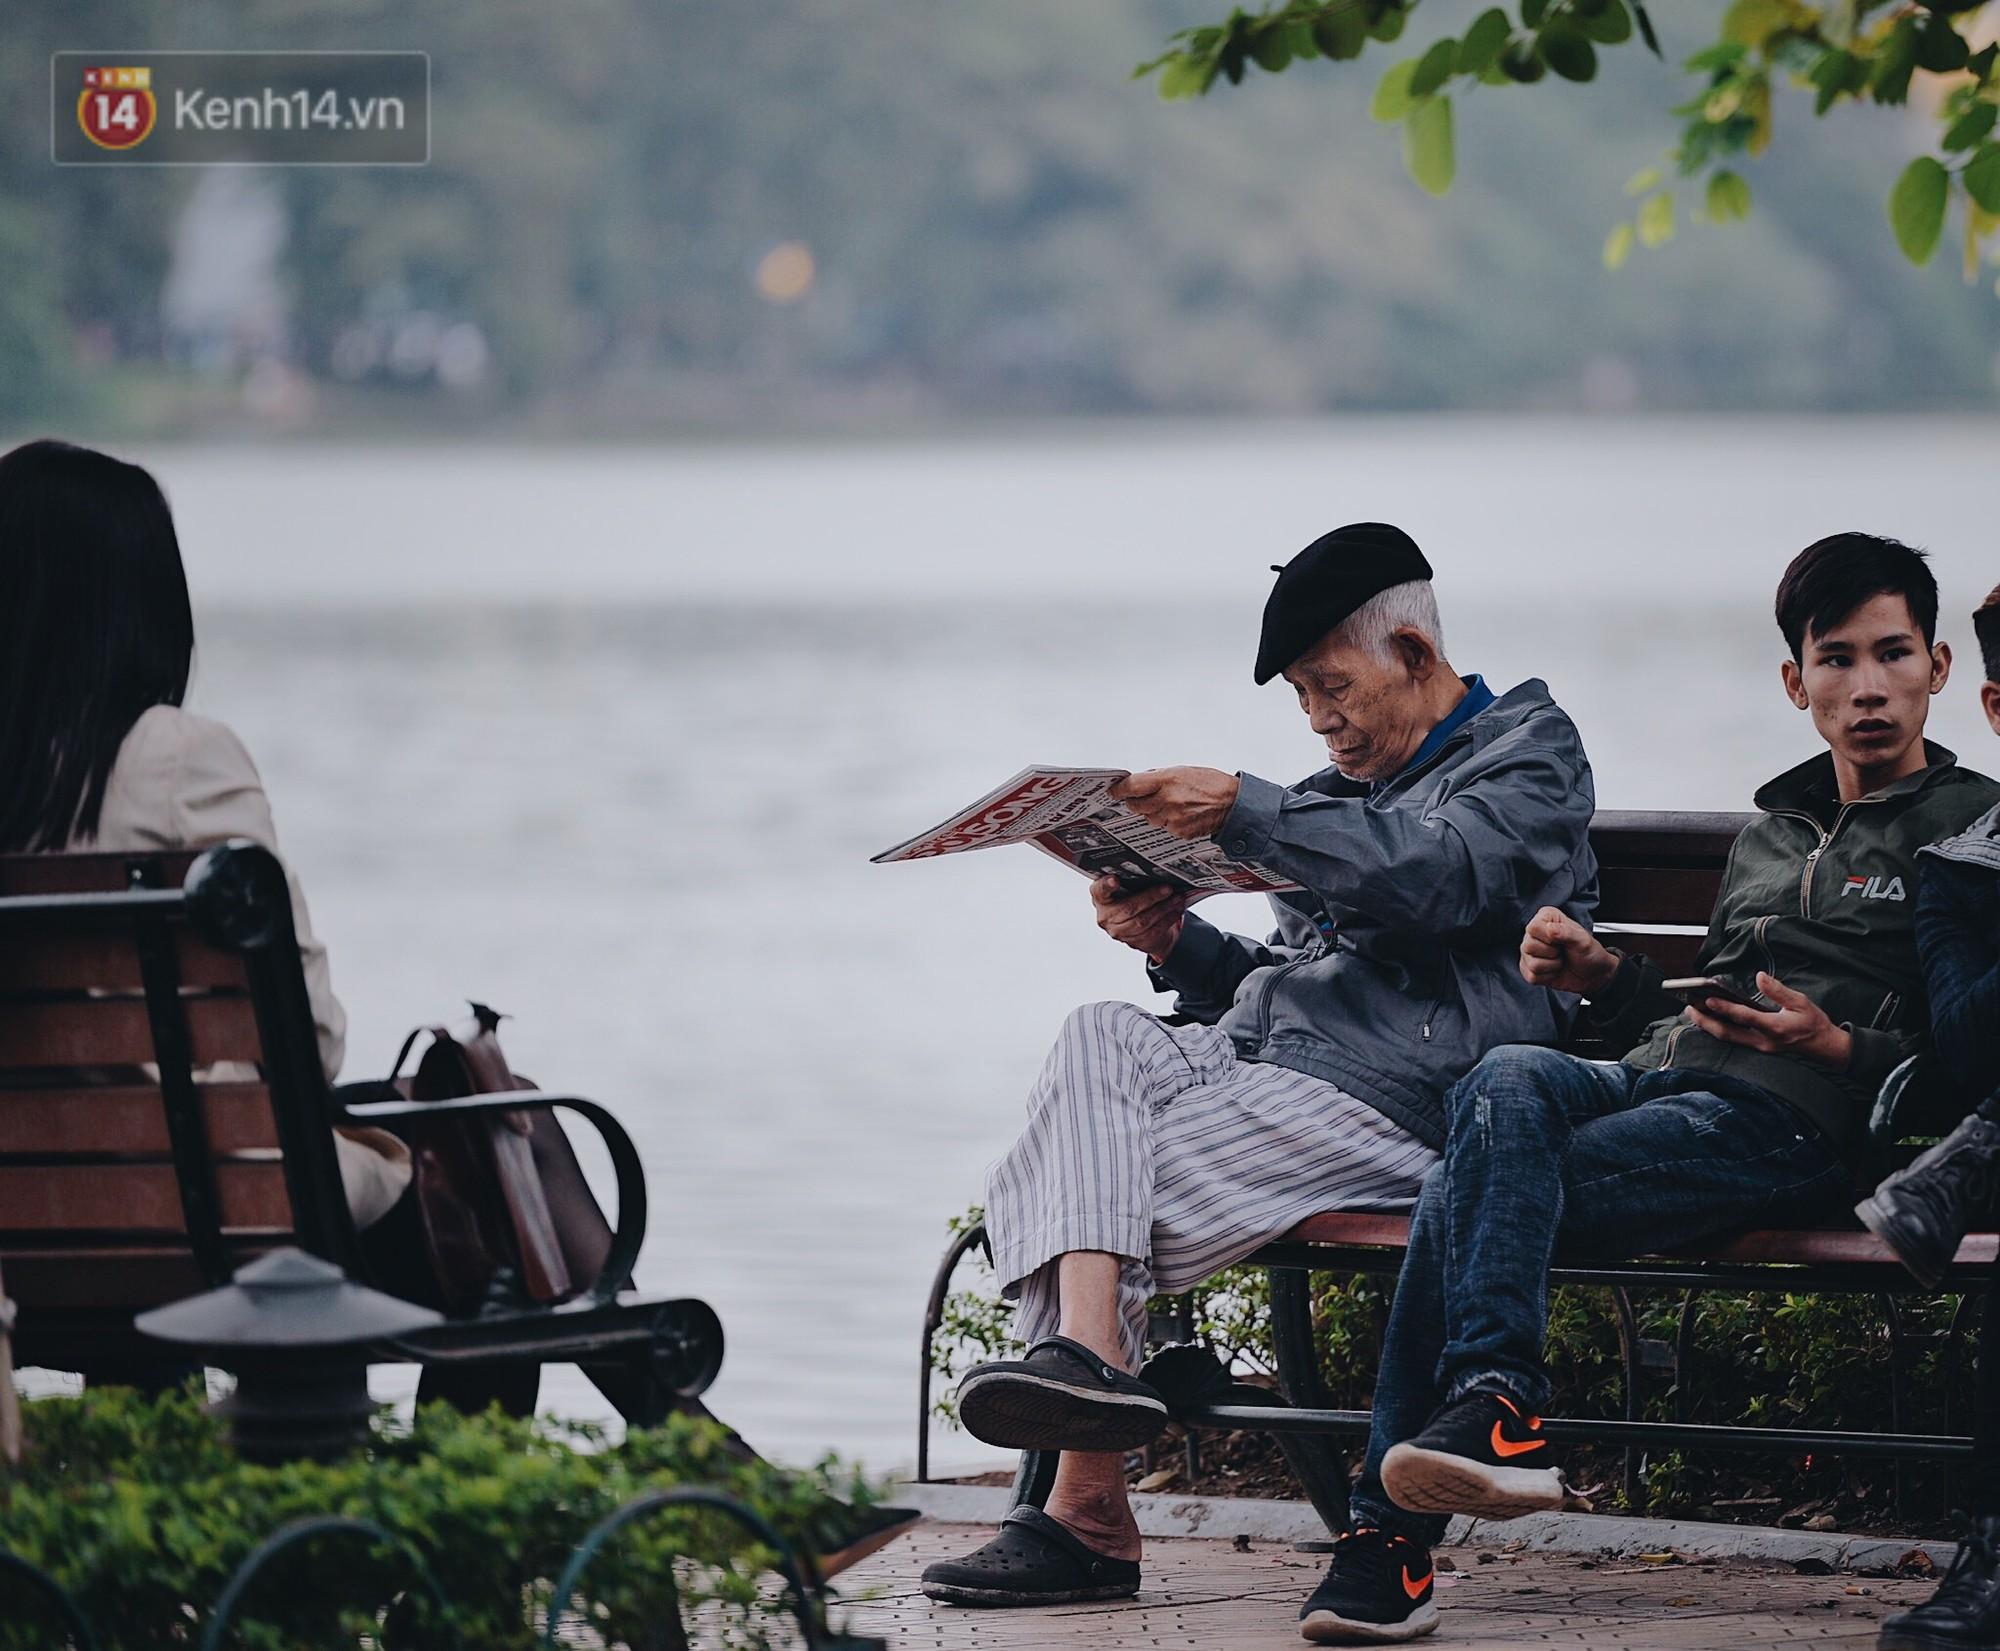 Ngày mùa đông chính thức chạm ngõ miền Bắc, người dân Hà Nội mặc áo ấm xuống phố - Ảnh 7.